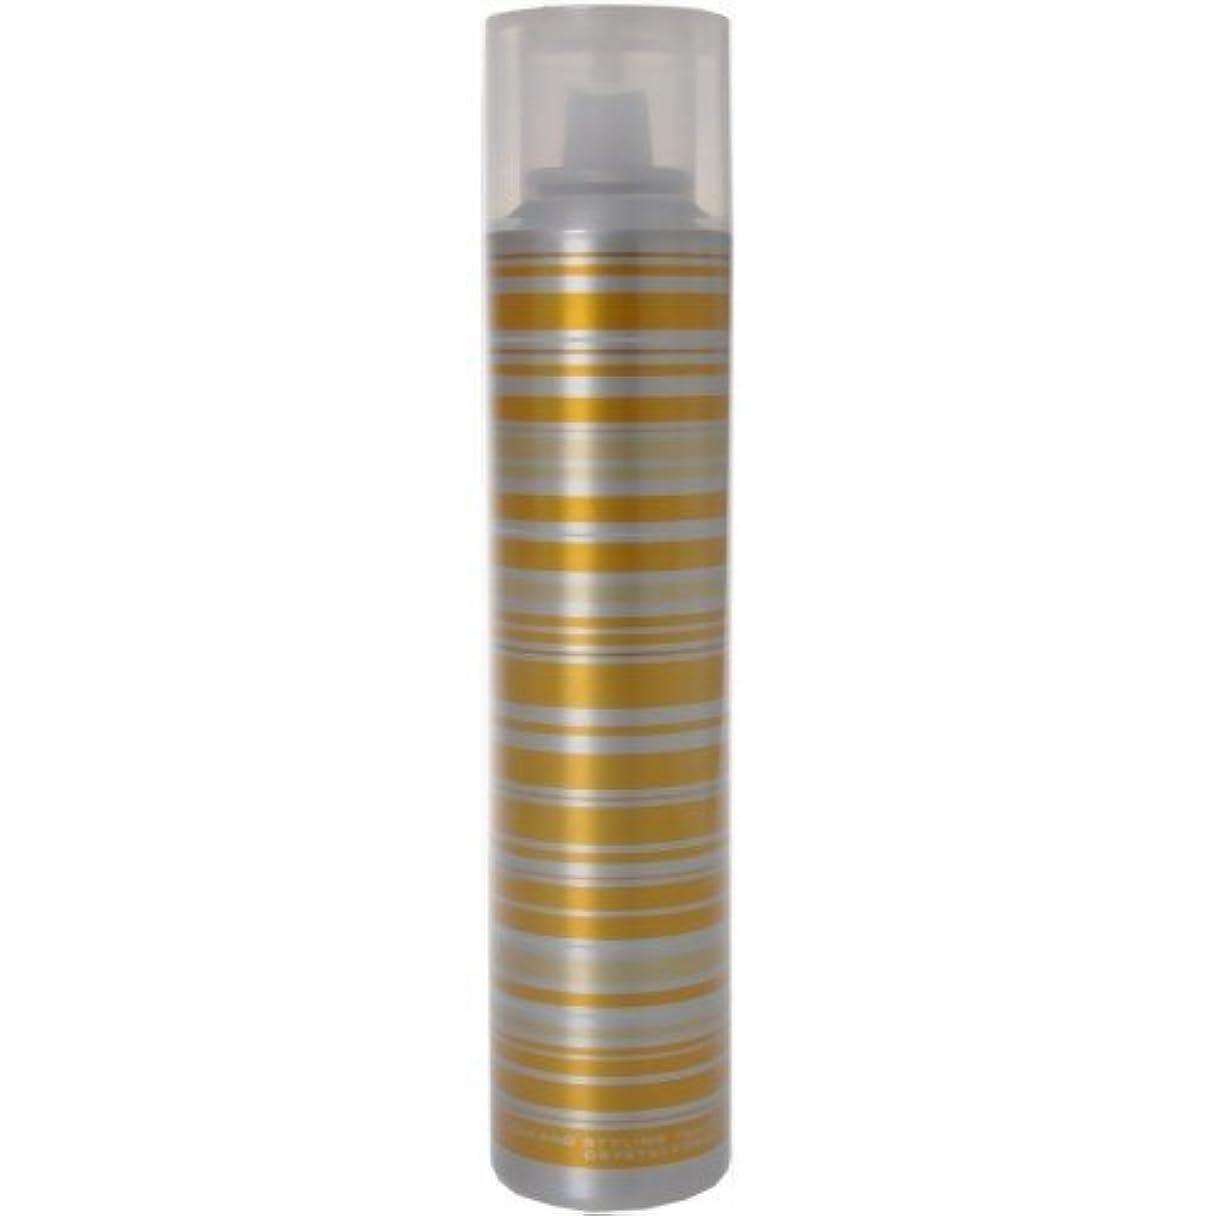 請求可能再生的ジェム中野製薬 ナカノ スタイリング タント クリスタルフォギー 10 180g